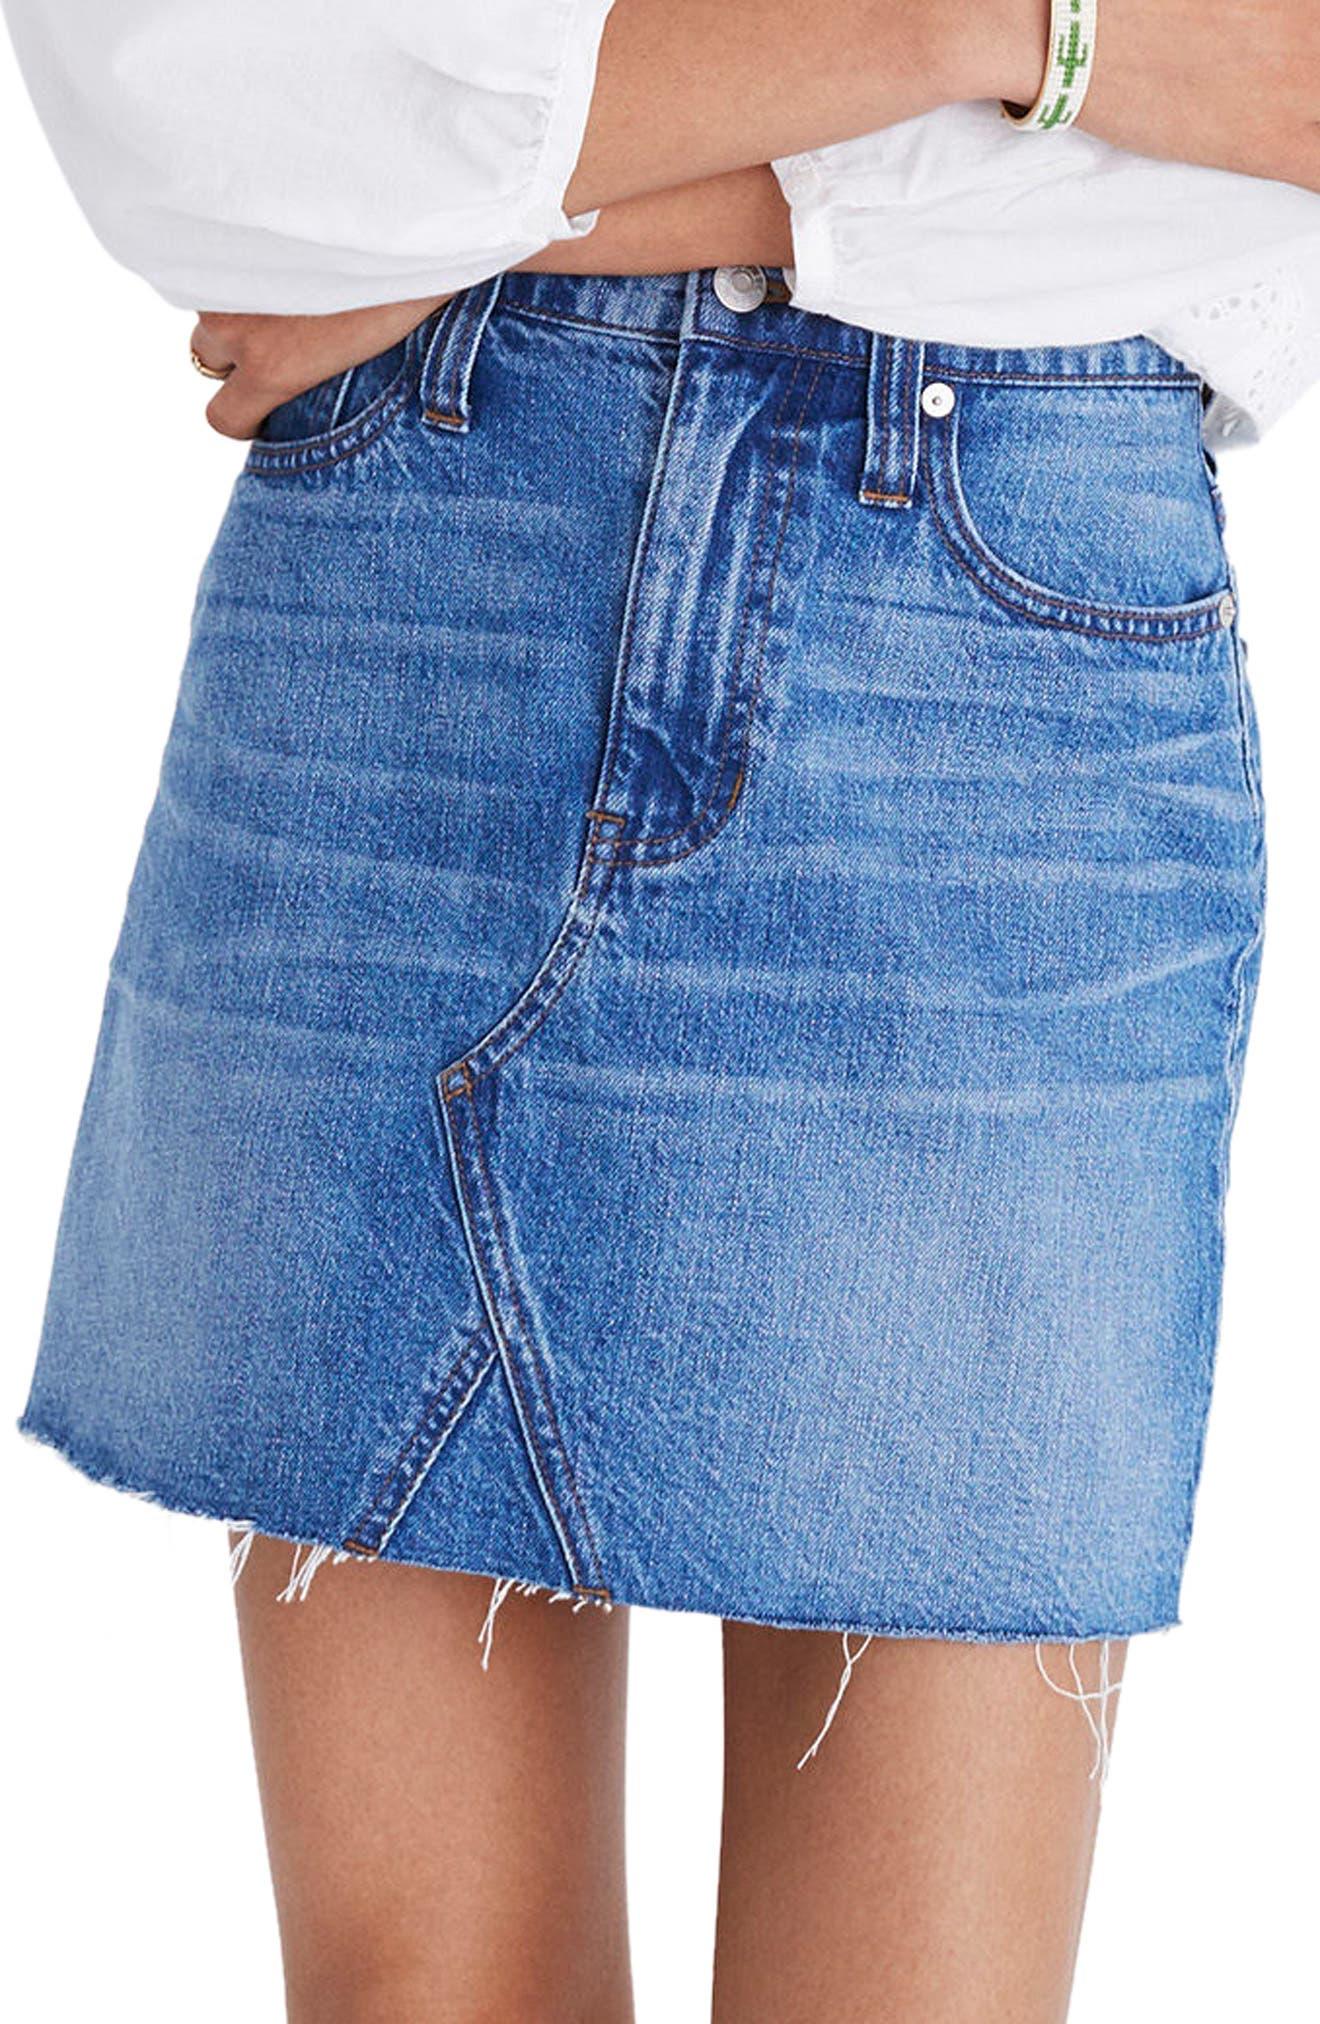 Frisco Denim Miniskirt,                         Main,                         color, 400